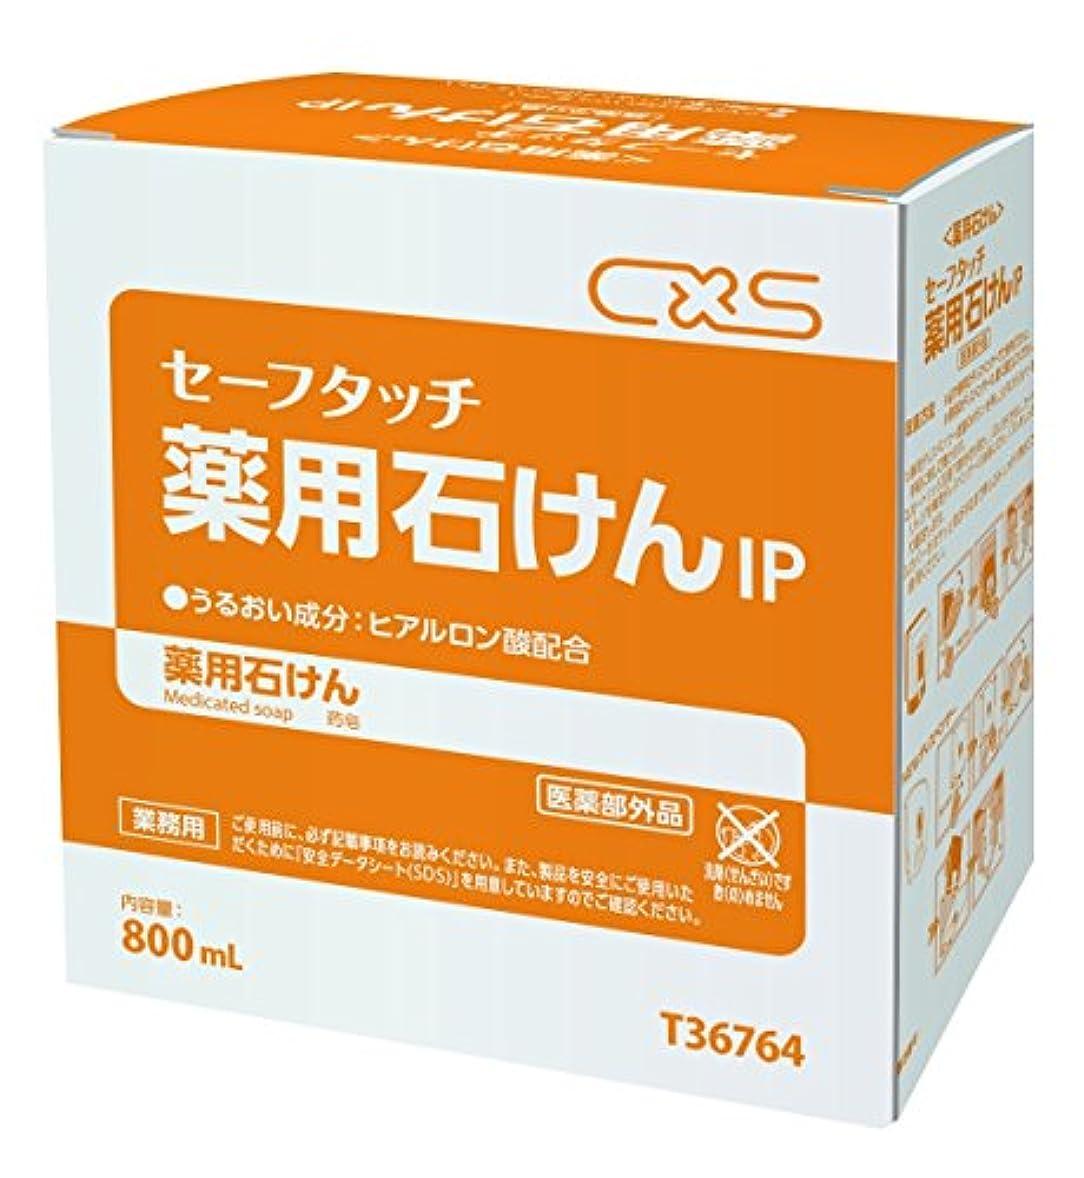 配置スキャンダラスすり減るセーフタッチ 薬用石けんIP 6箱セット